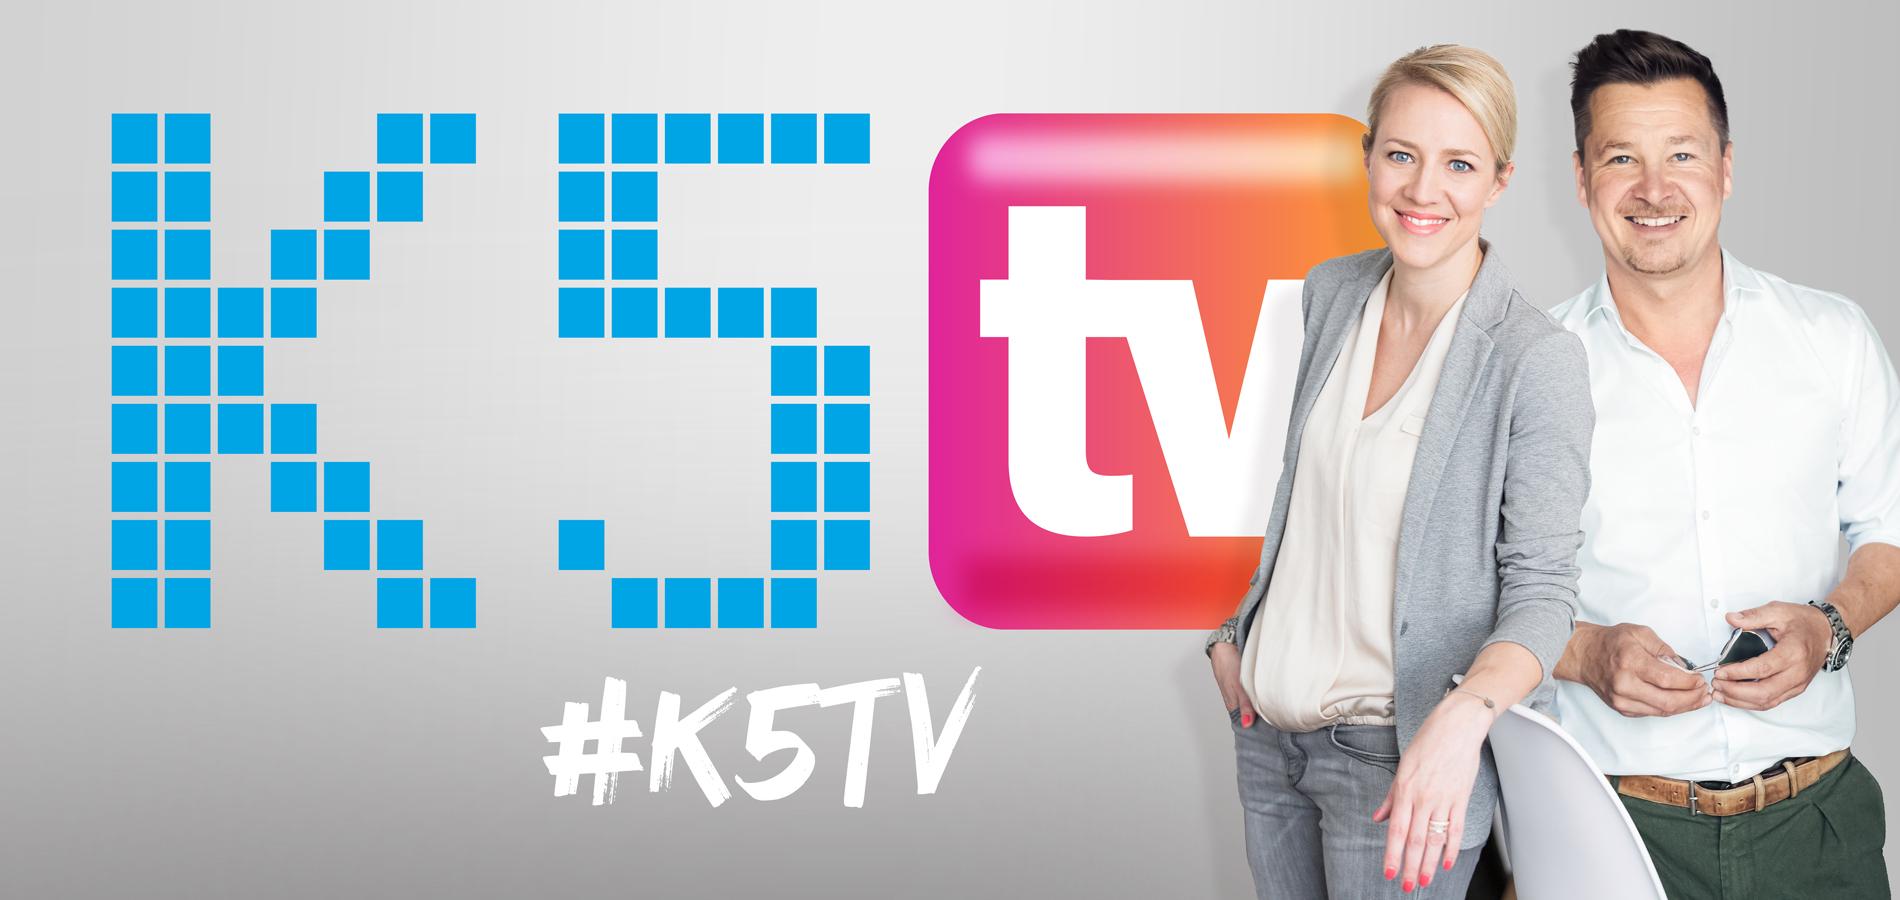 K5 TV